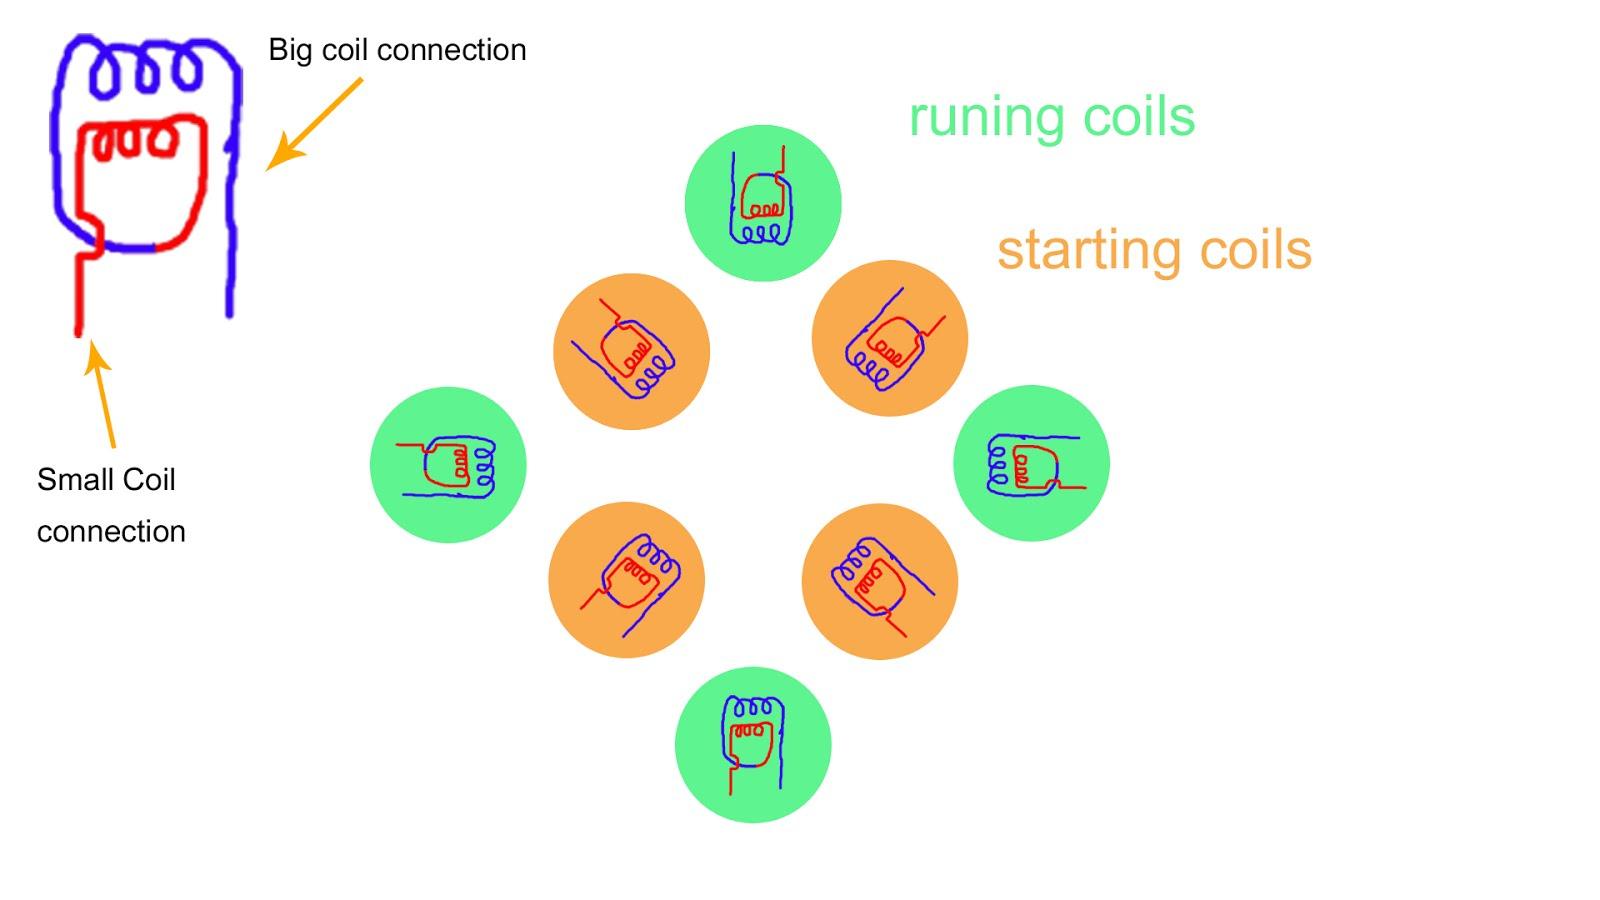 medium resolution of dryer machine motor diagram running and starting winding